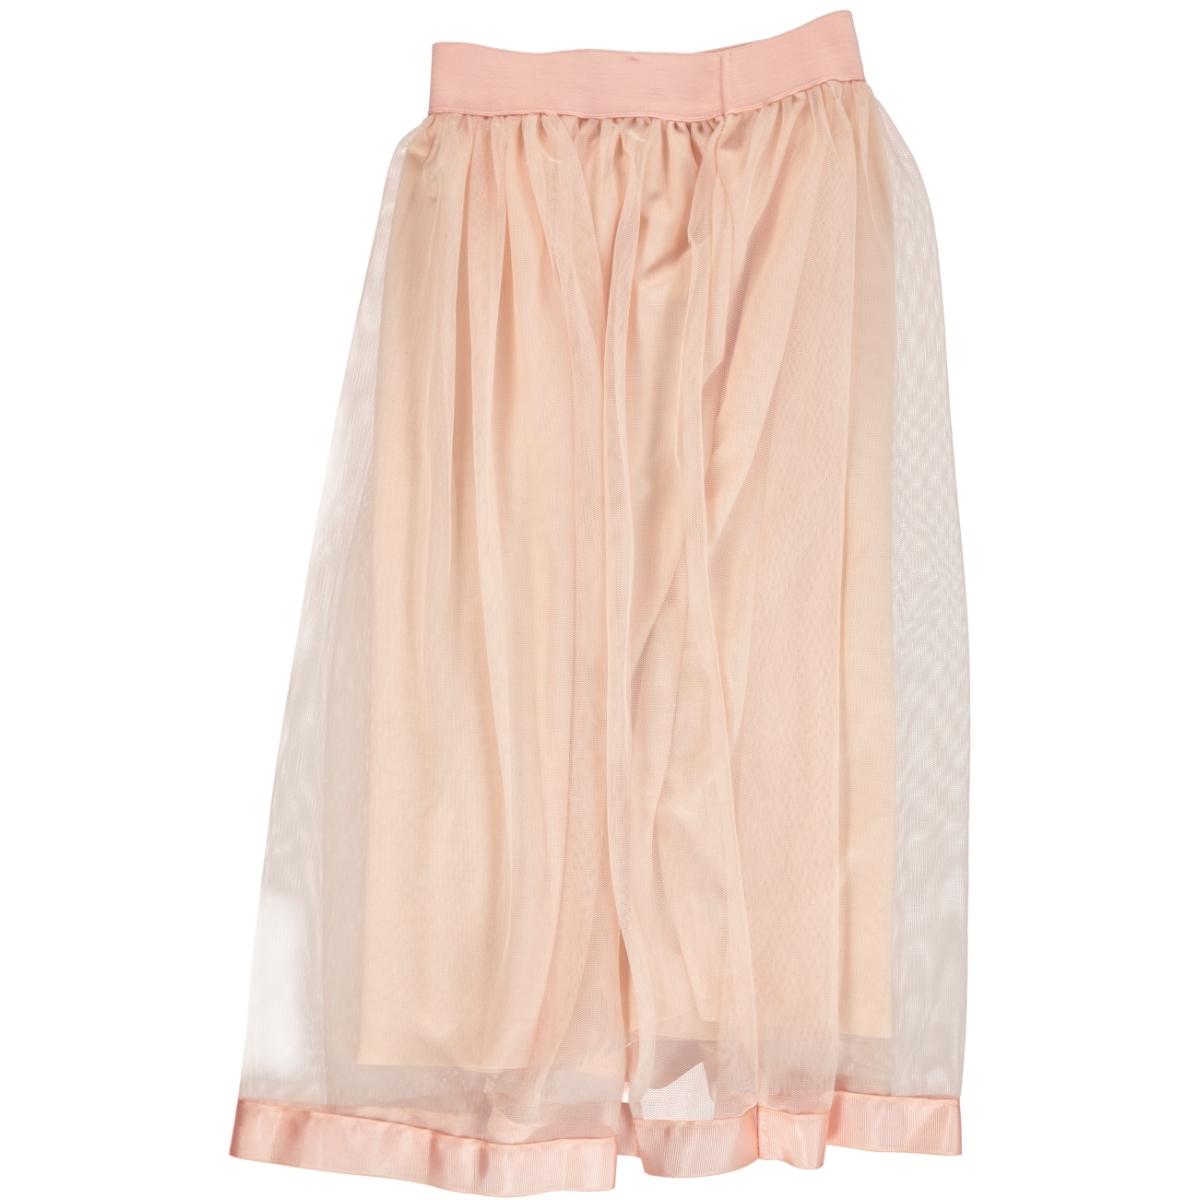 Missiva Powder Pink Skirt Girl Age 6-9